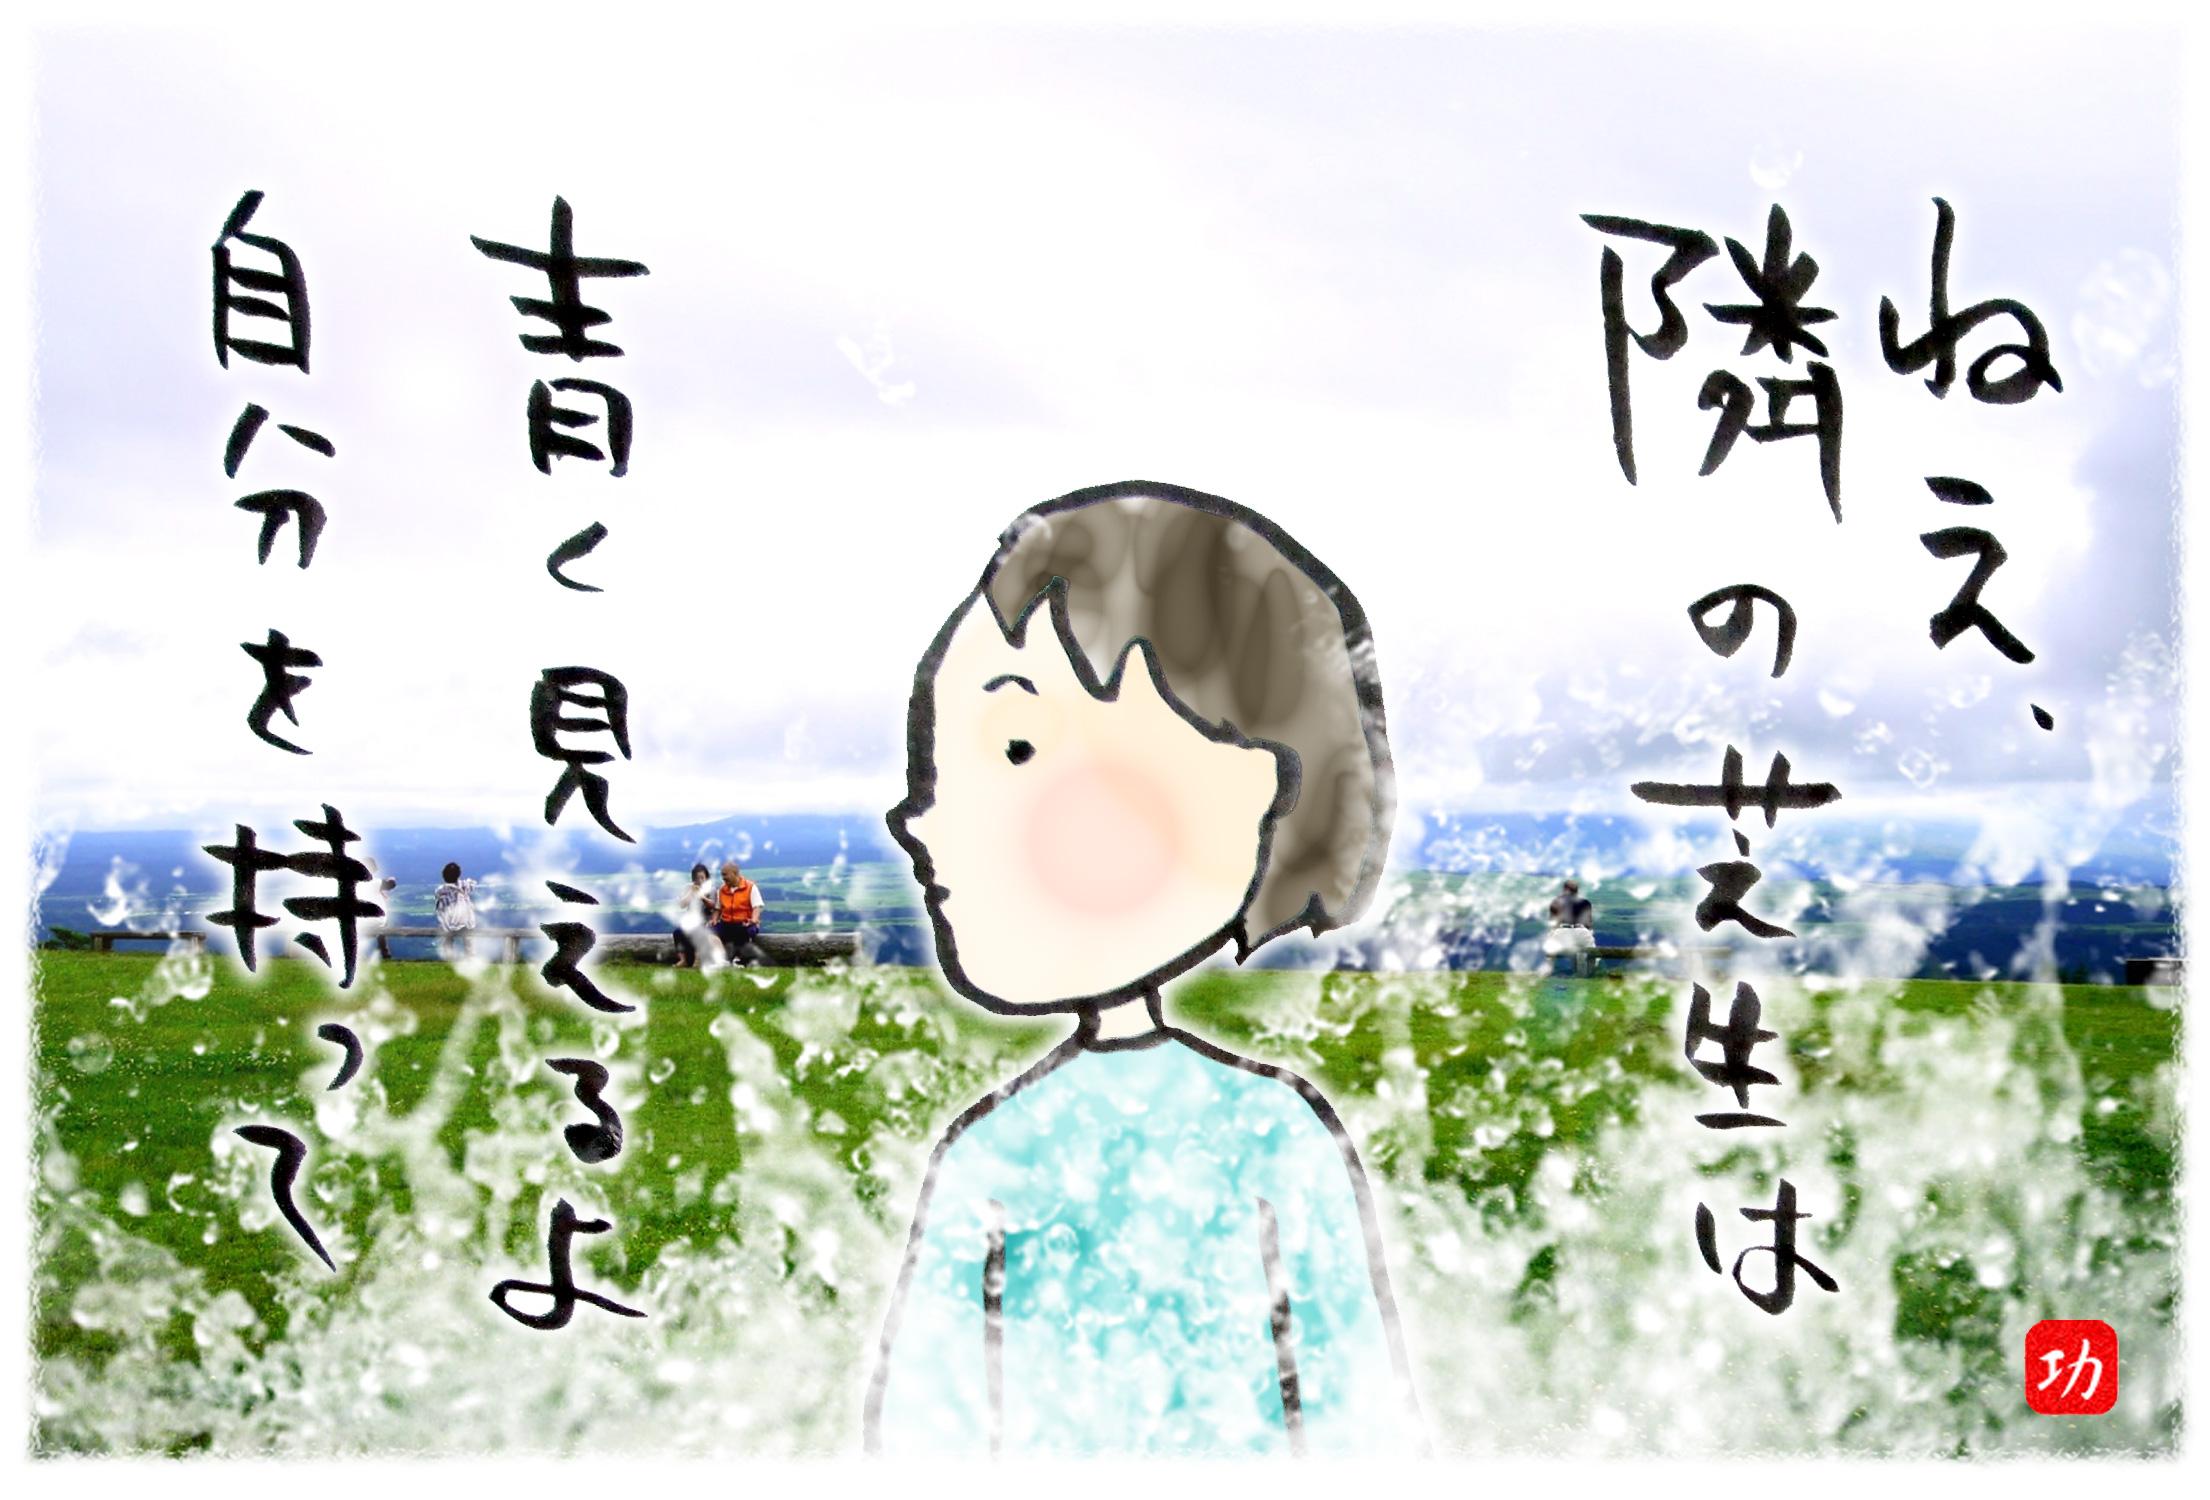 「隣の芝生が青く見える フリー素材」の画像検索結果